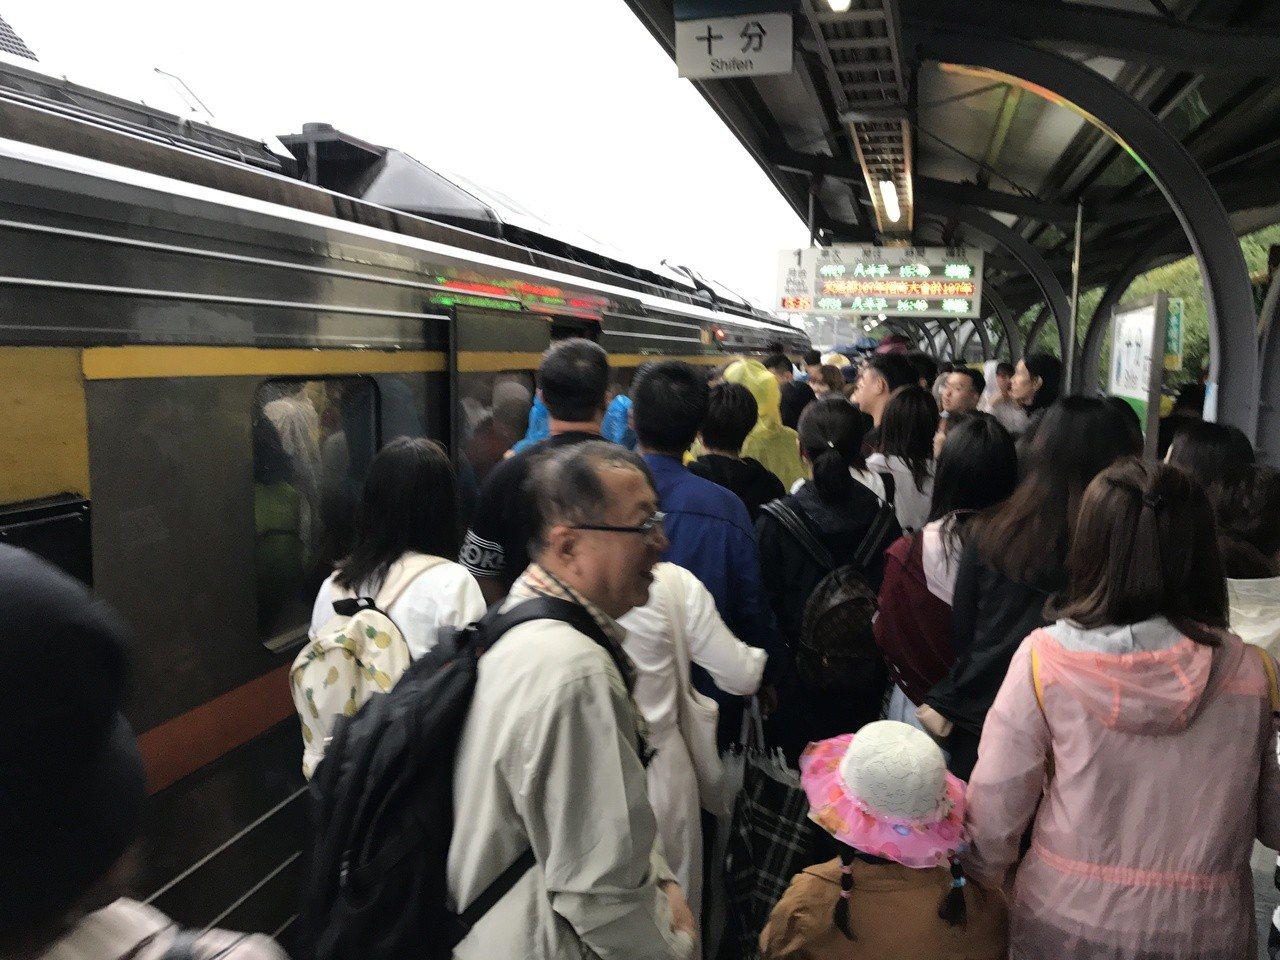 台鐵平溪線到十分車站放天燈的列車,最近全客滿。記者吳淑君/攝影